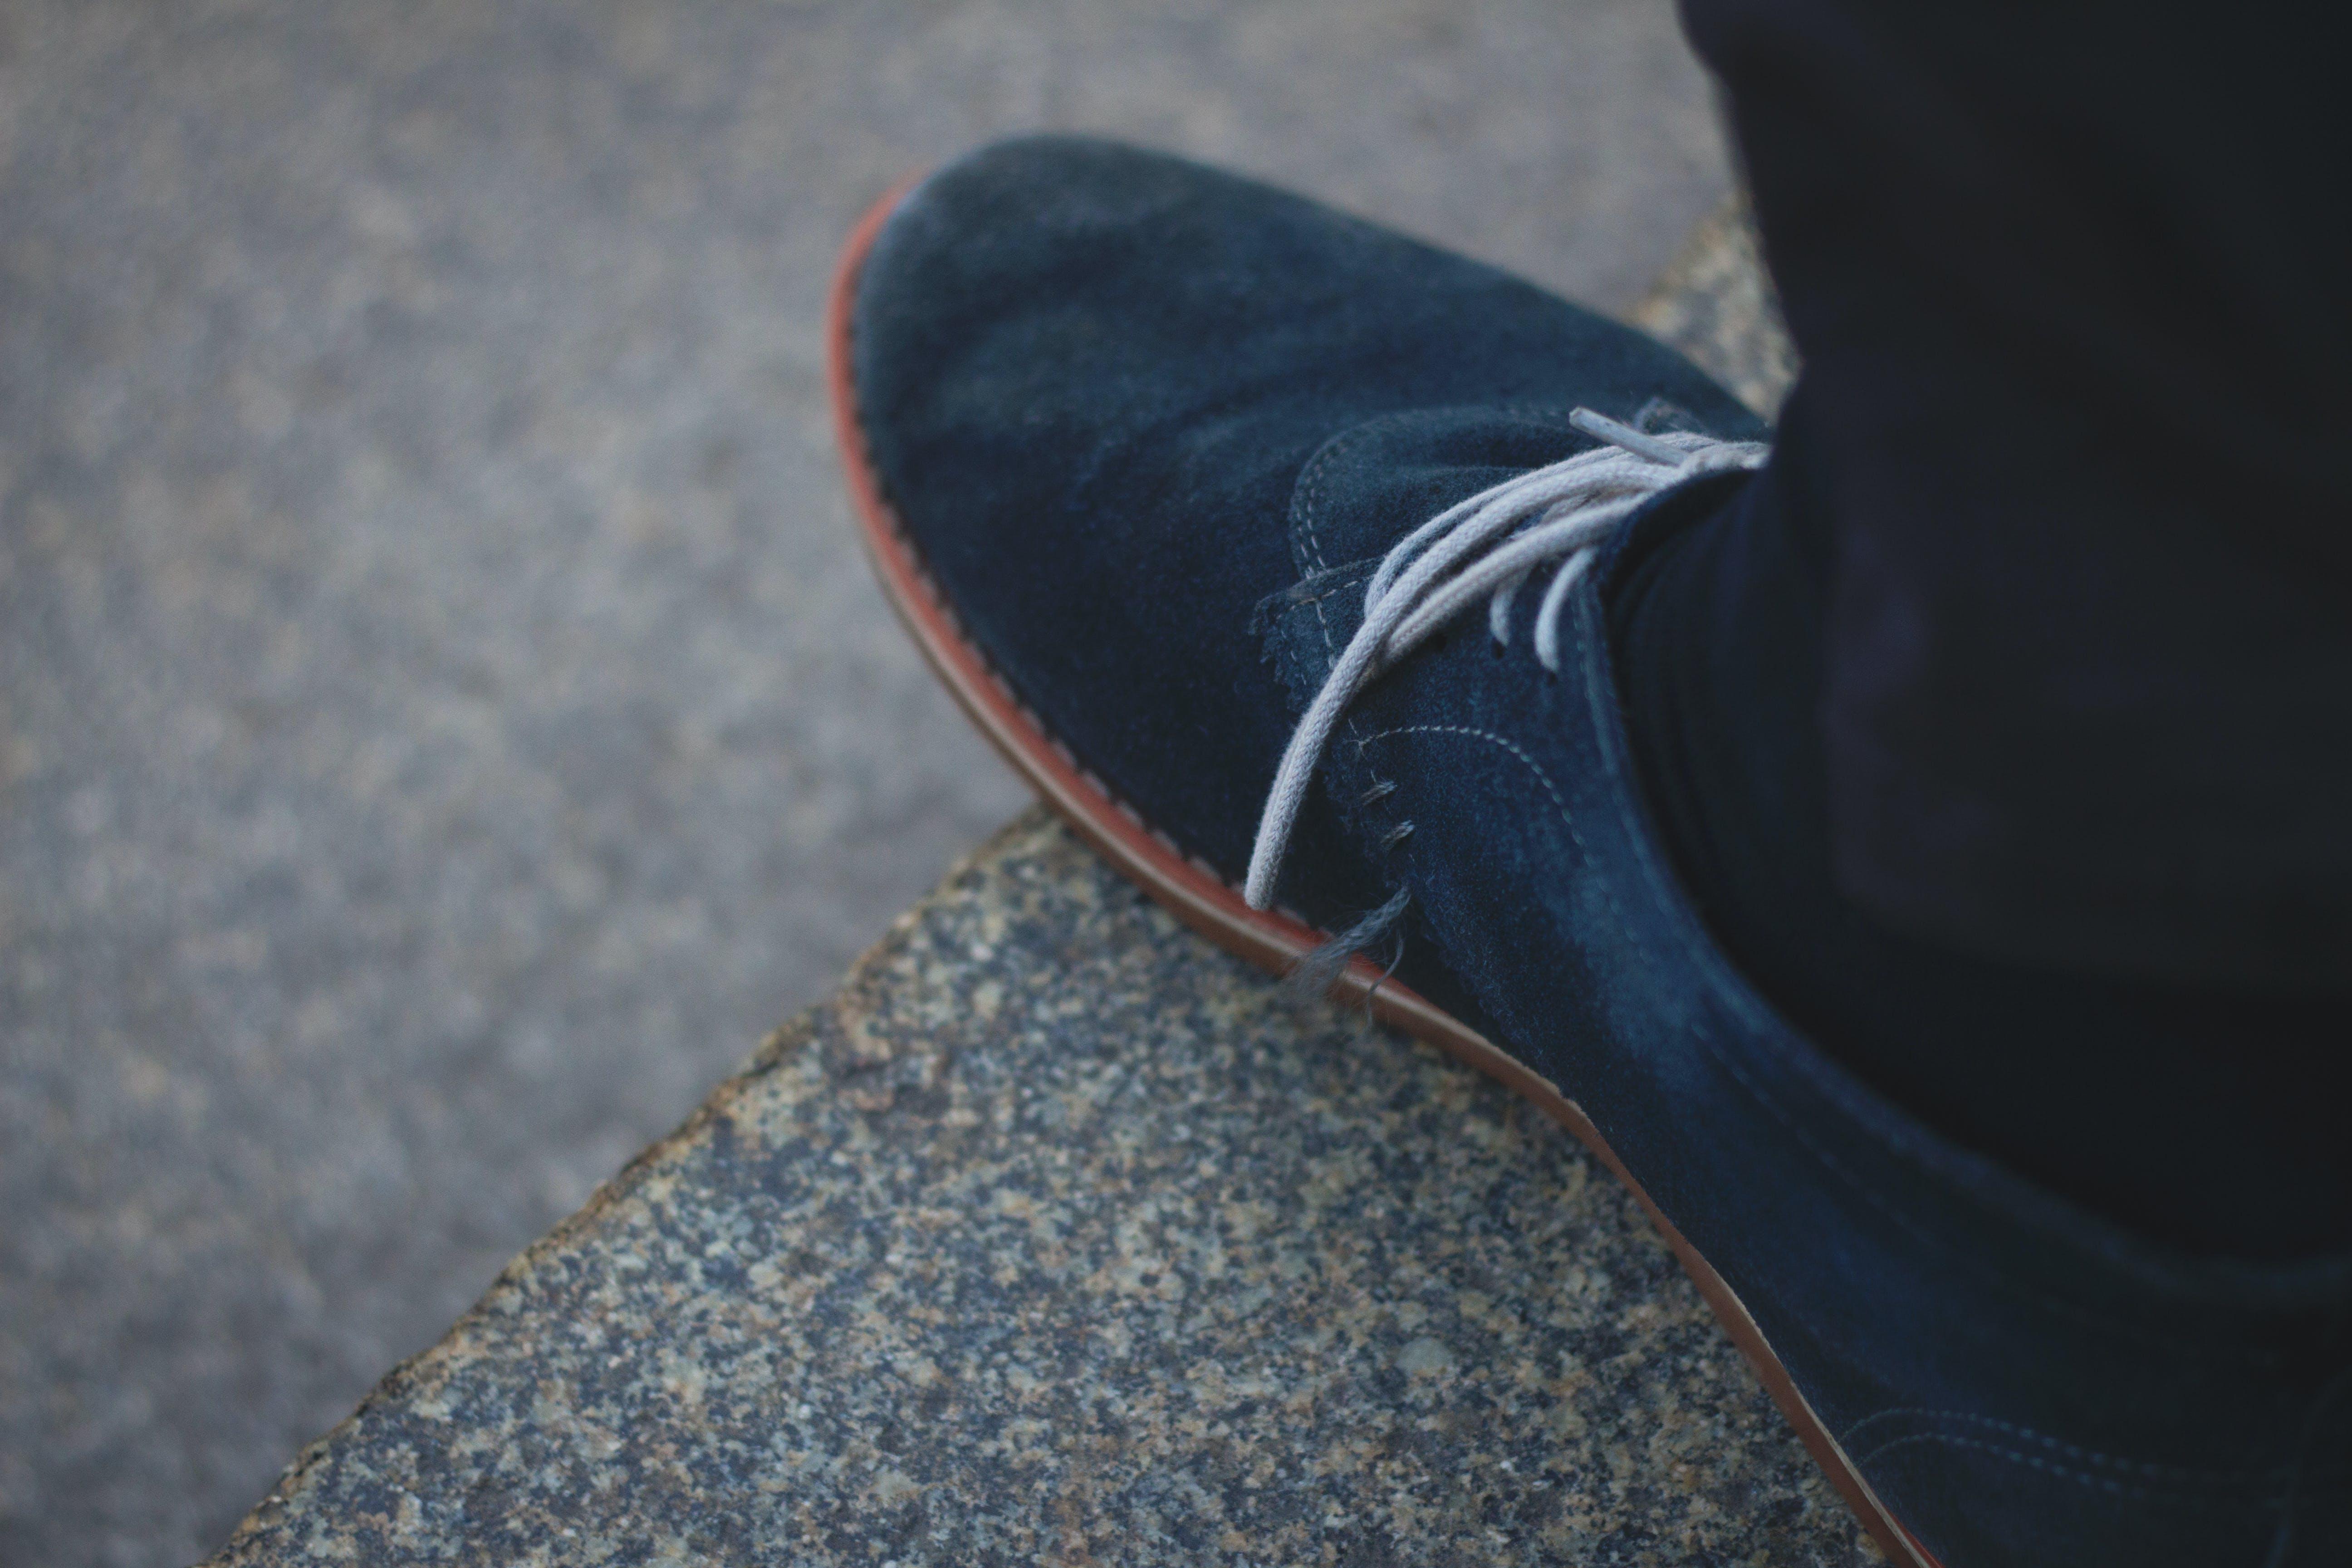 Δωρεάν στοκ φωτογραφιών με μπλε, παπούτσι, πέτρα